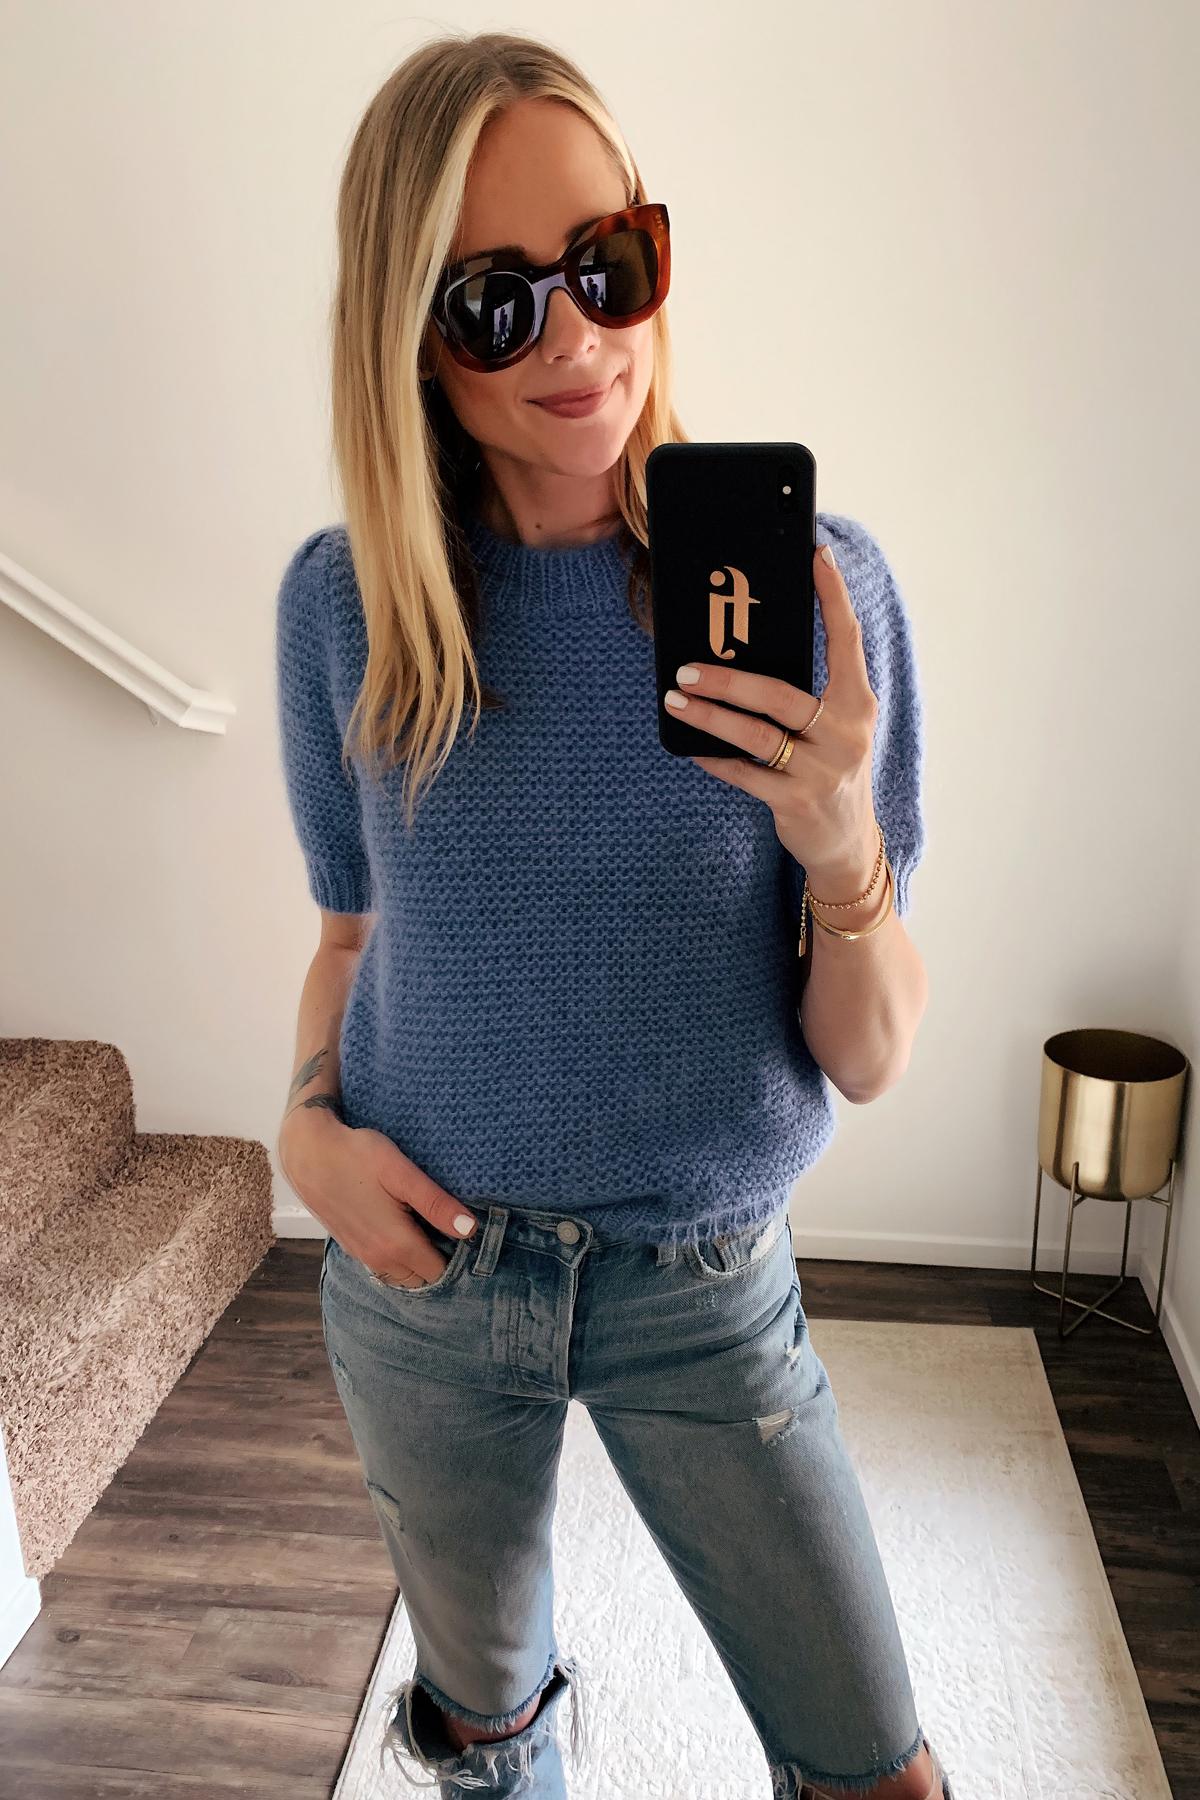 Fashion Jackson Wearing Celine Tortoise Cat Eye Sunglasses Anine Bing Blue Sweater Ripped Jeans